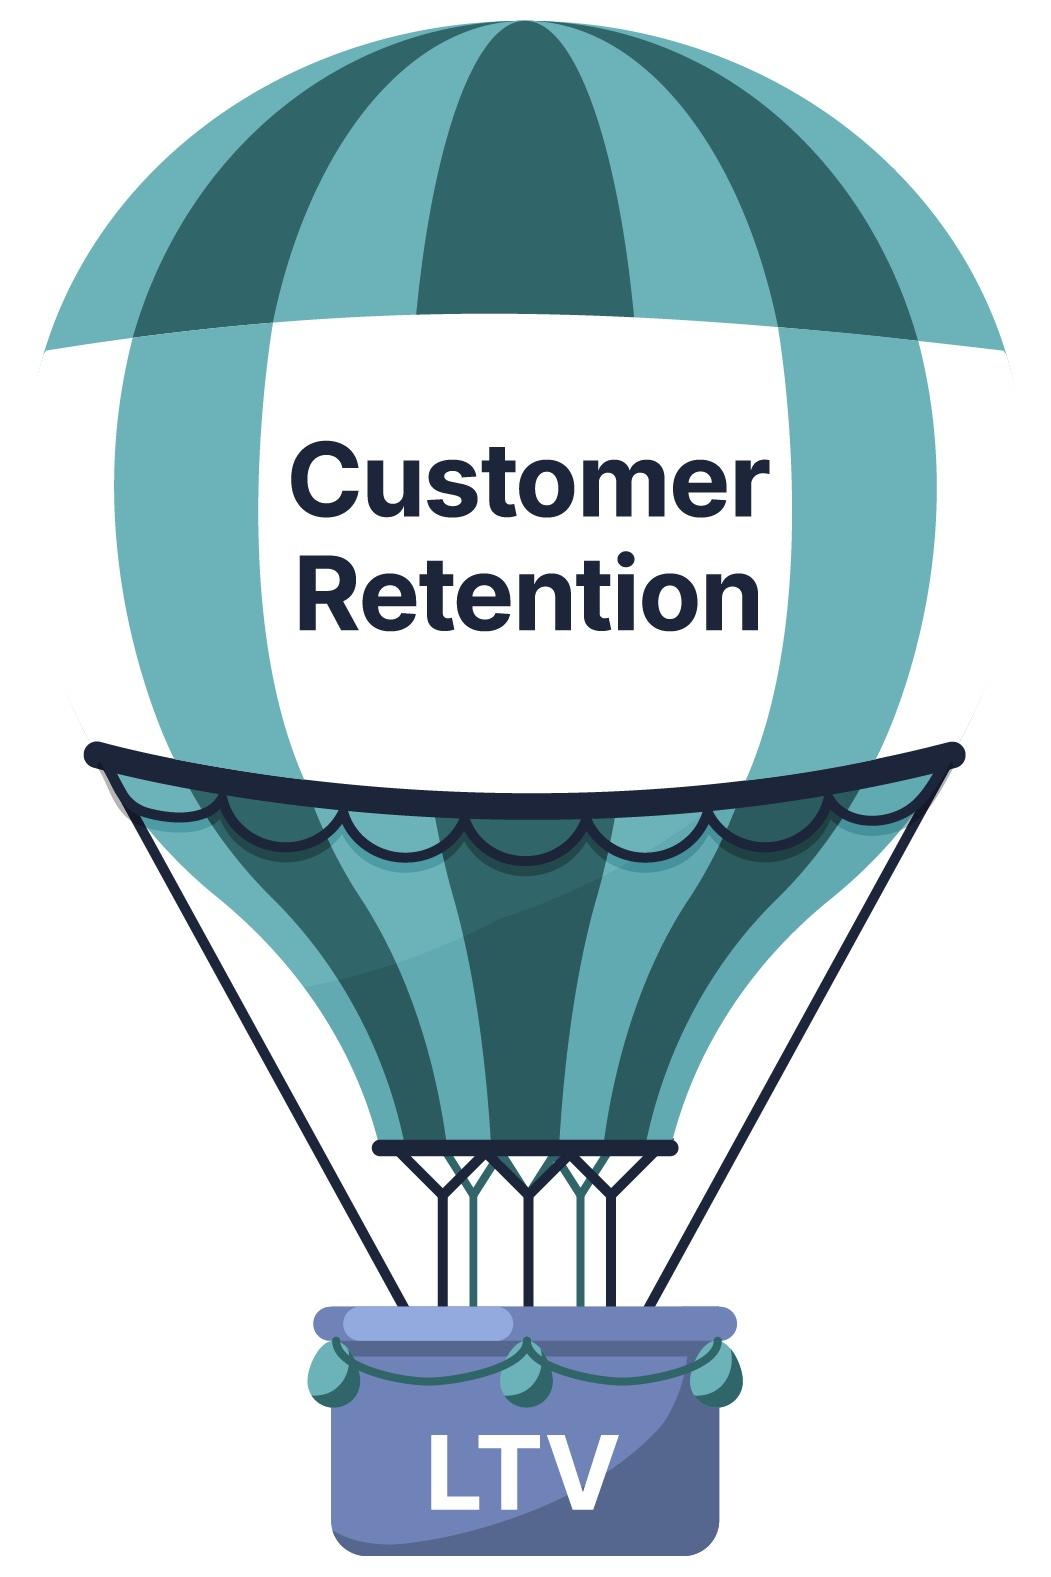 Hot air balloon cartoon: customer retention carries LTV higher.